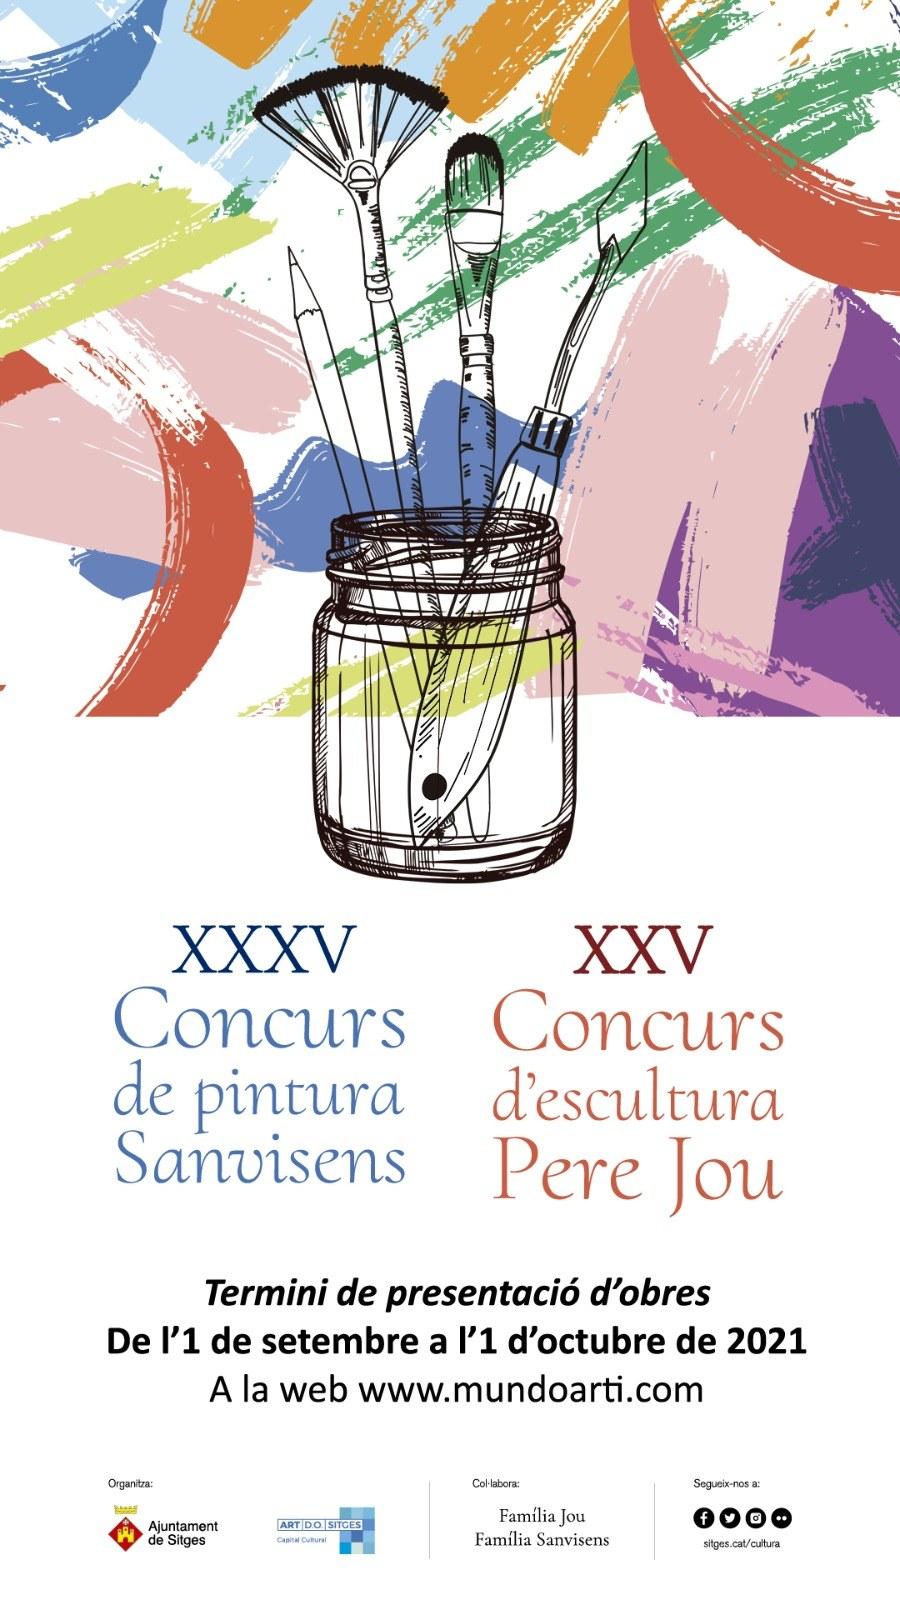 S'obre el termini per presentar les obres alXXXV Concurs de Pintura Sanvisens i XXV d'escultura Pere Jou